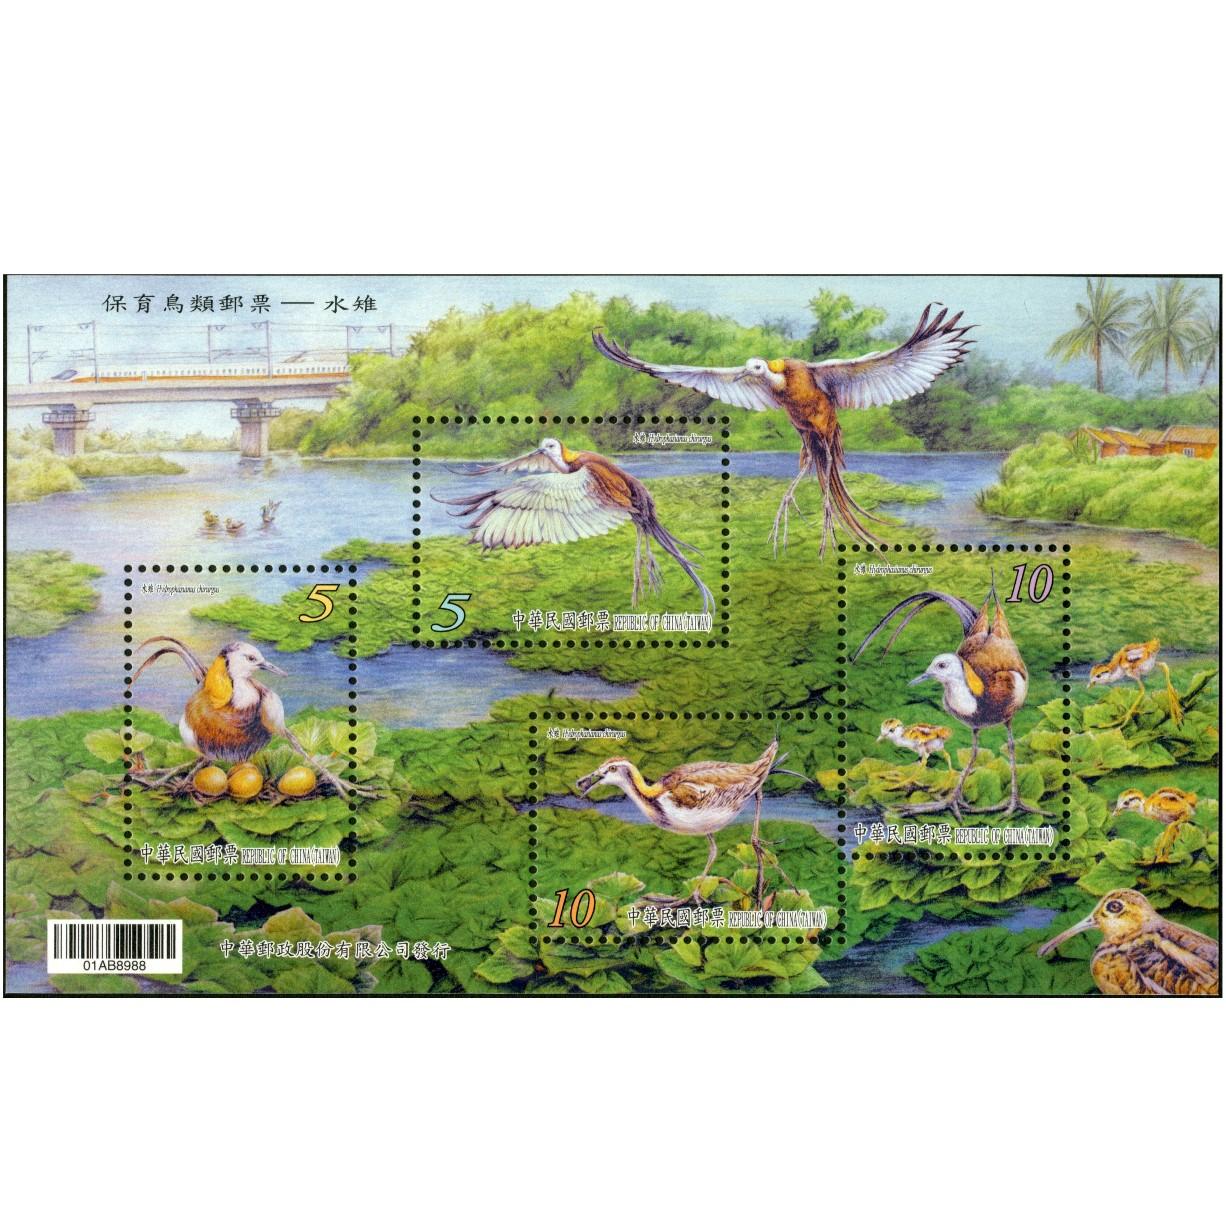 保育鳥類郵票小全張-水雉A款